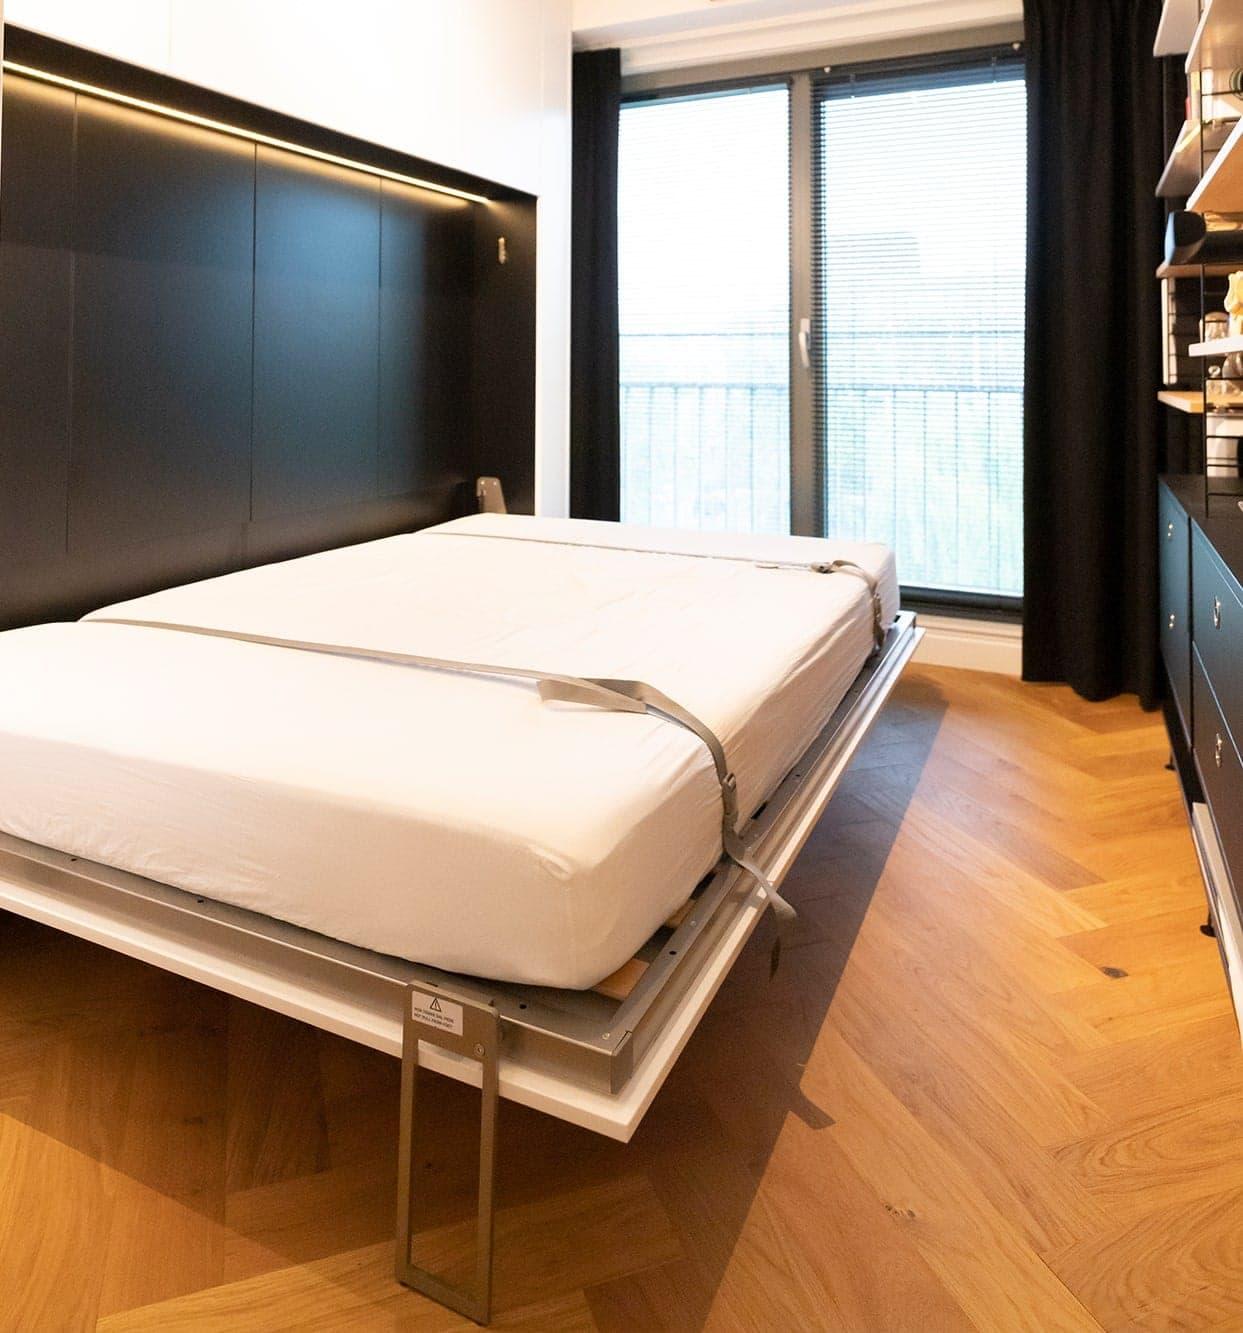 Interieurbouwer Schoonhoven Hebben Een Inklapbaar Bed Gemaakt Voor Een Logeerkamer